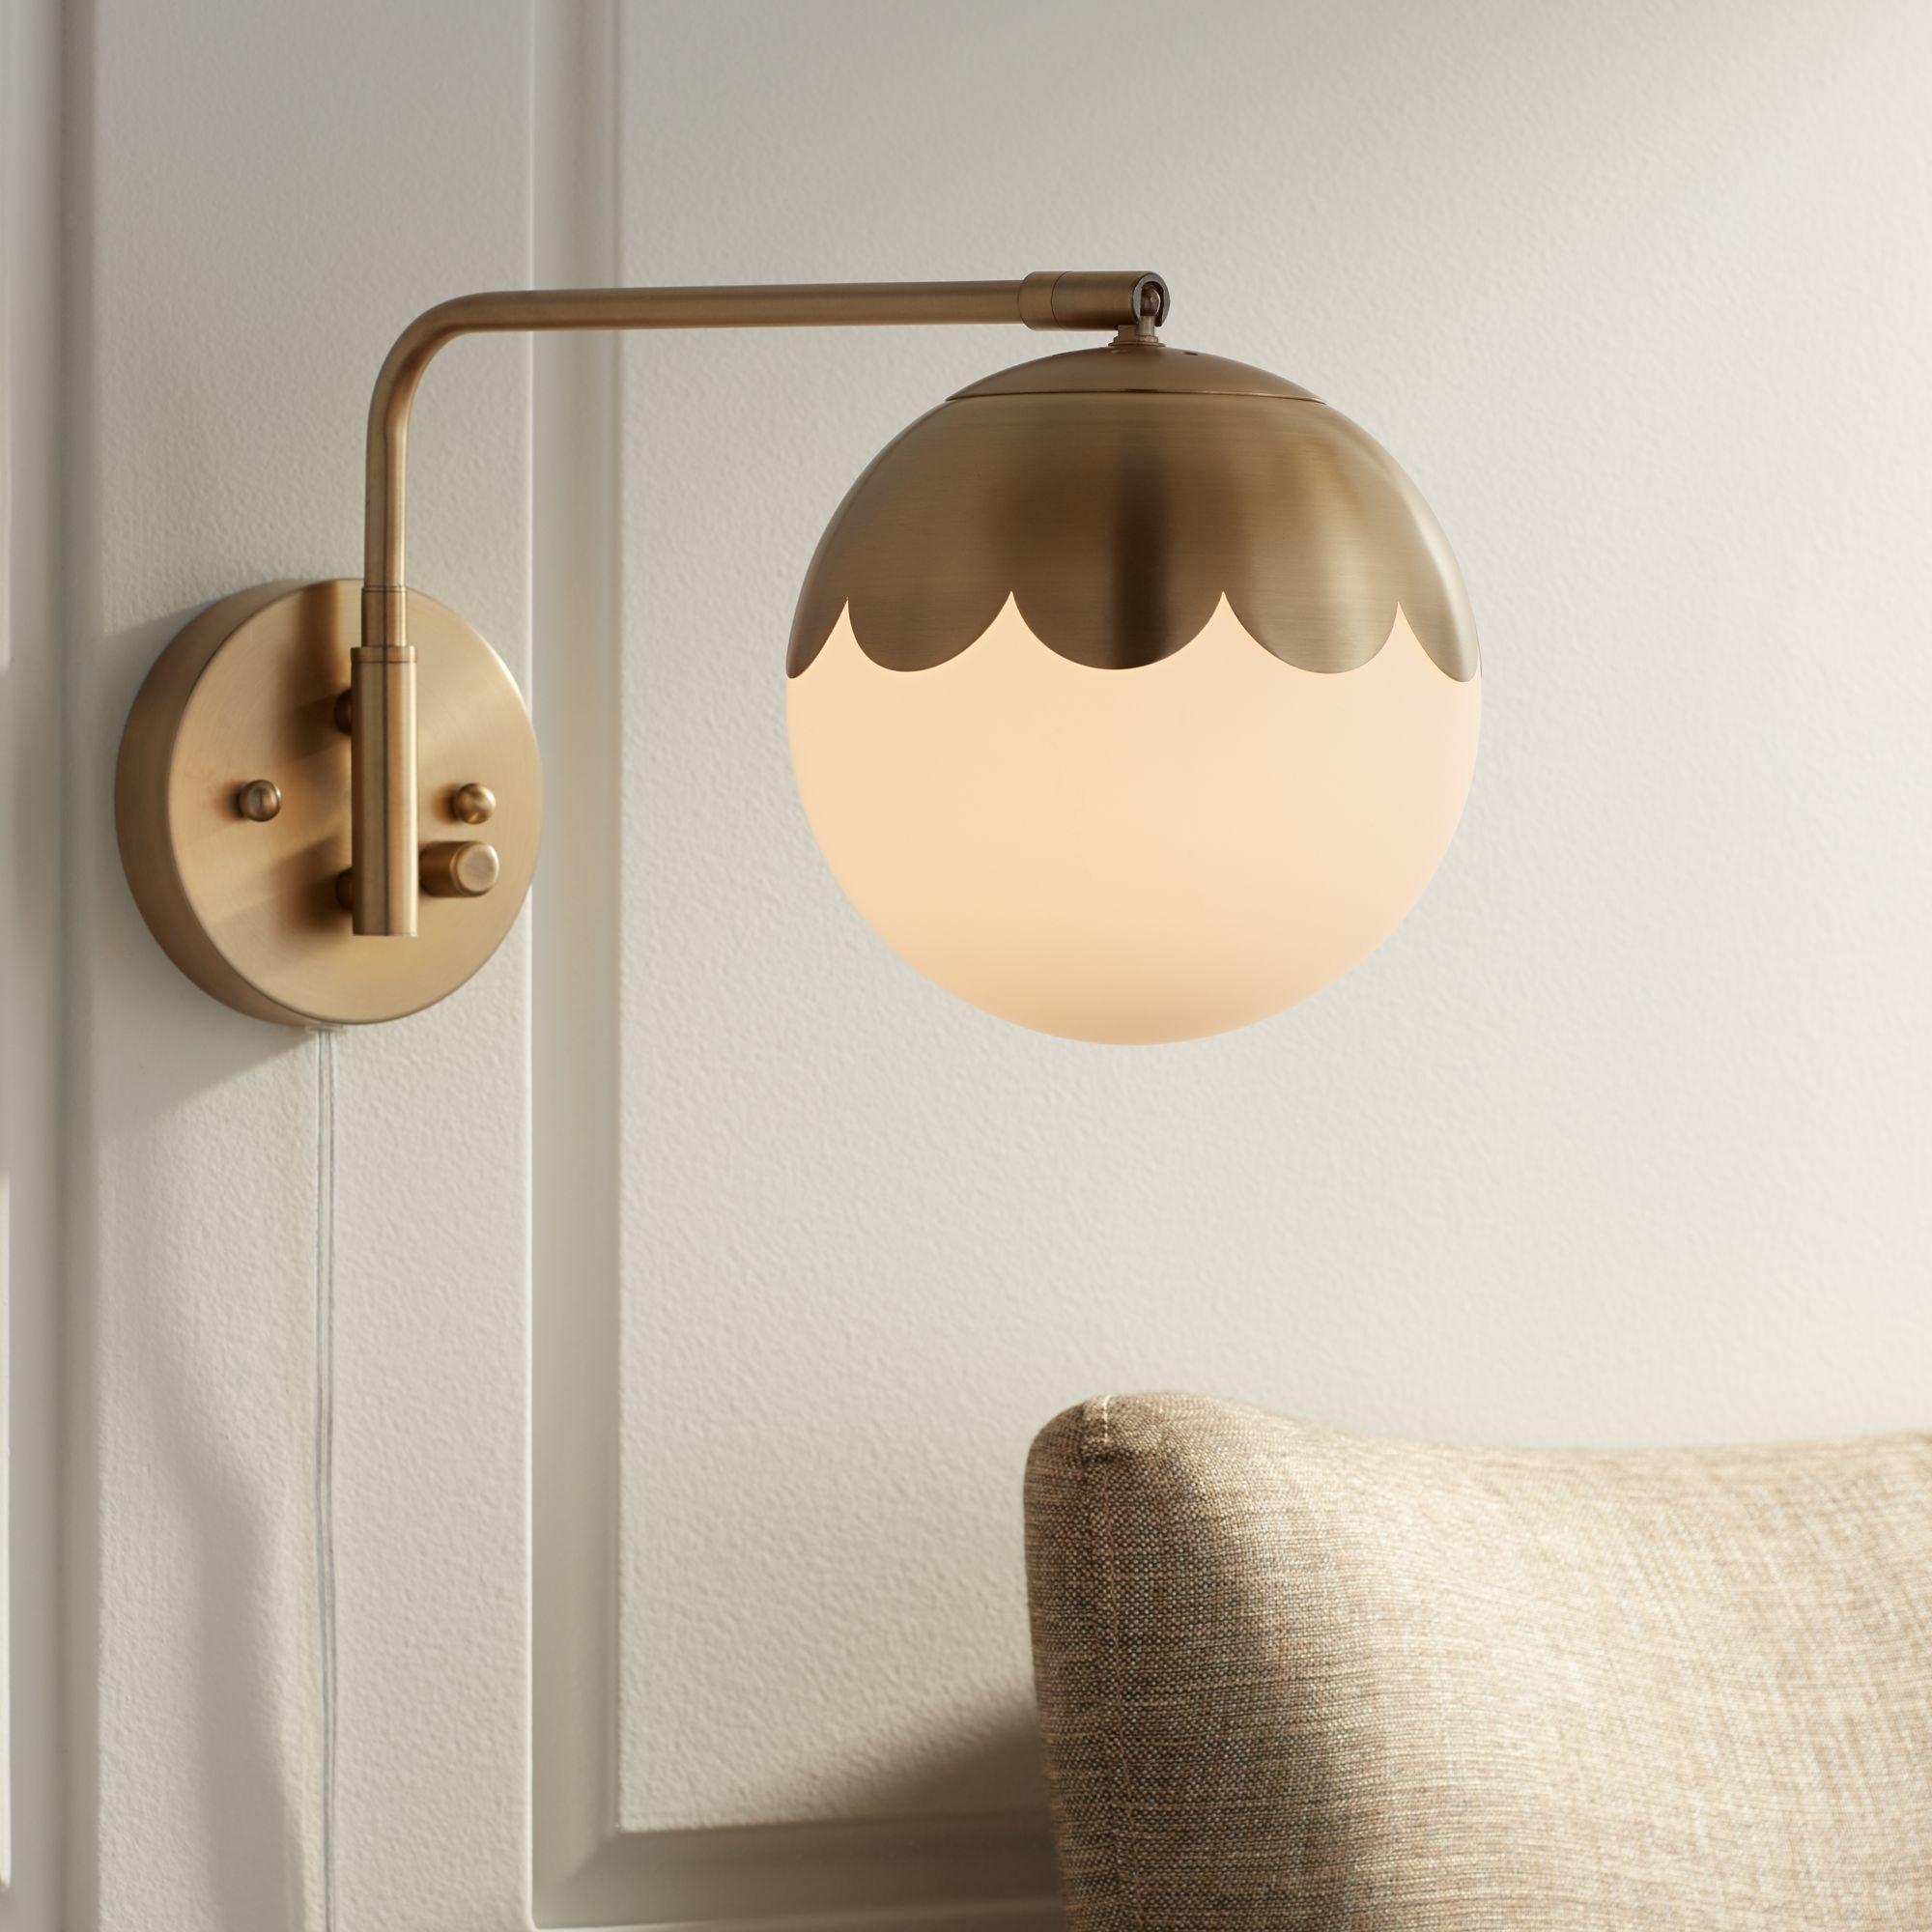 Brass and glass globe light fixture